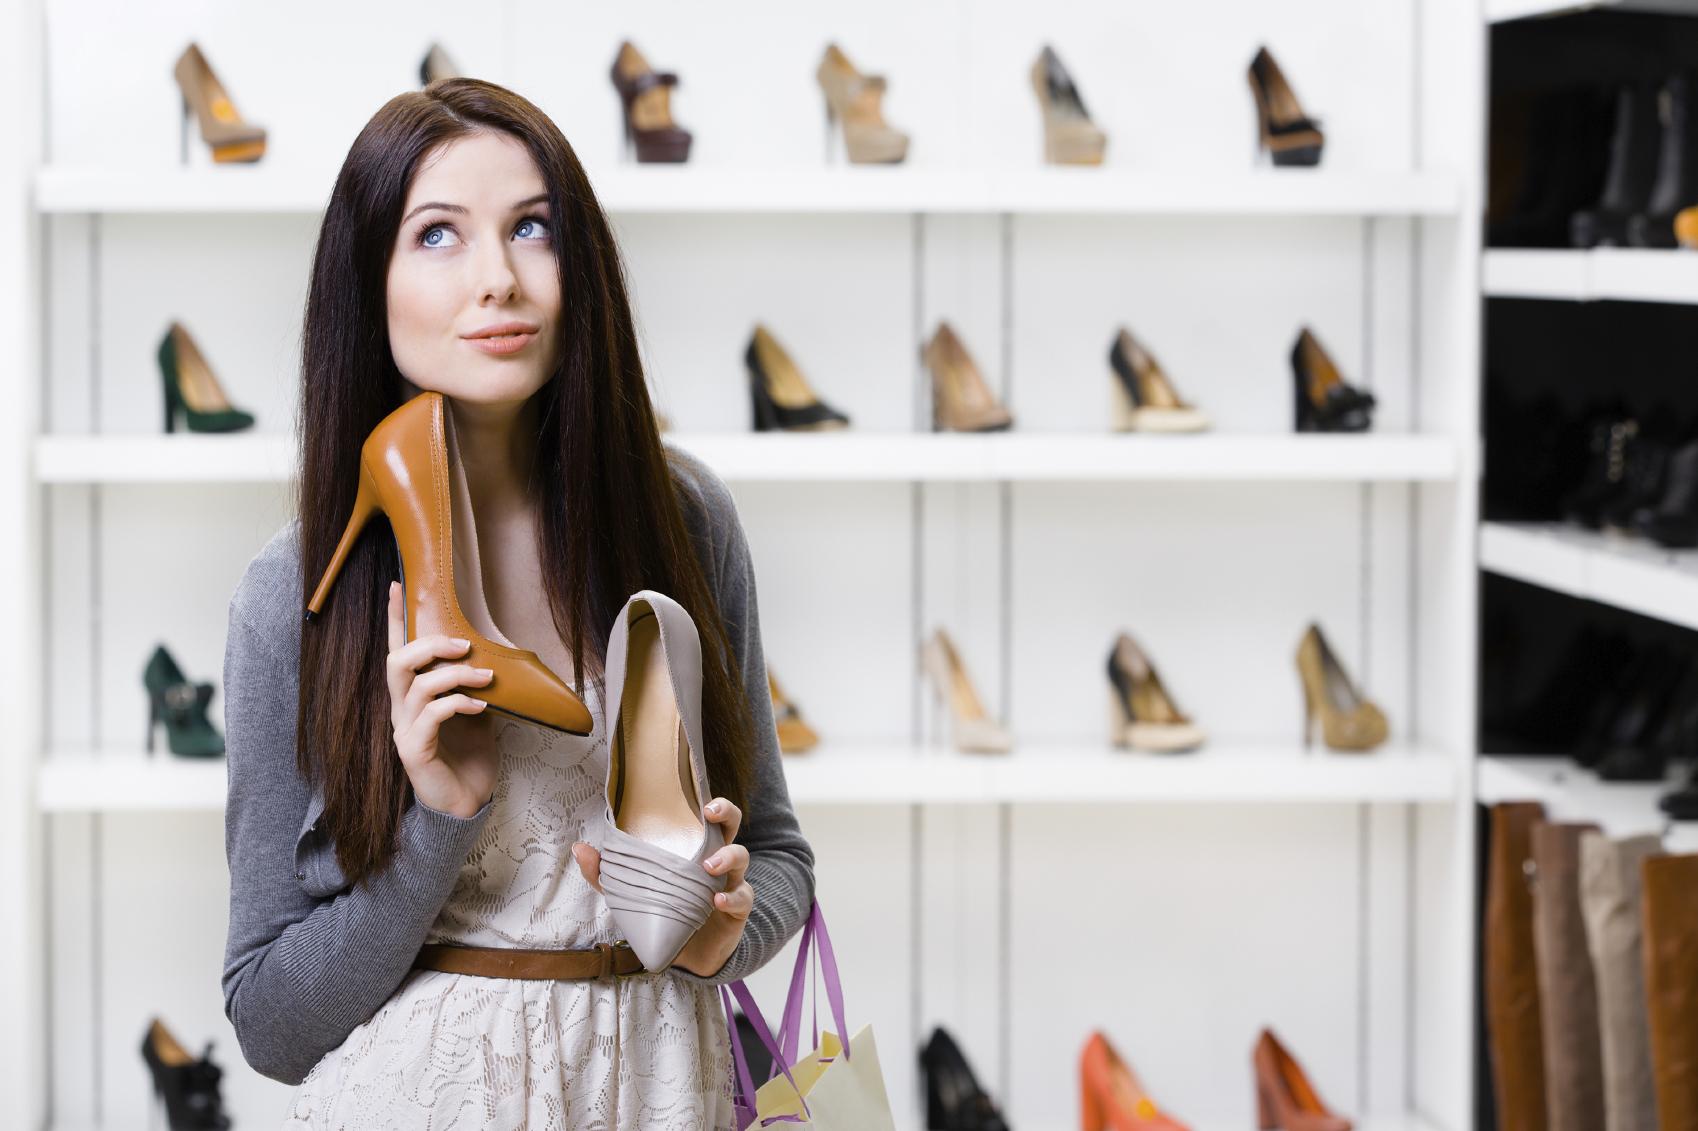 انتخاب کفش پاشنه بلند با ارتفاع مناسب در استایل اهمیت زیادی دارد